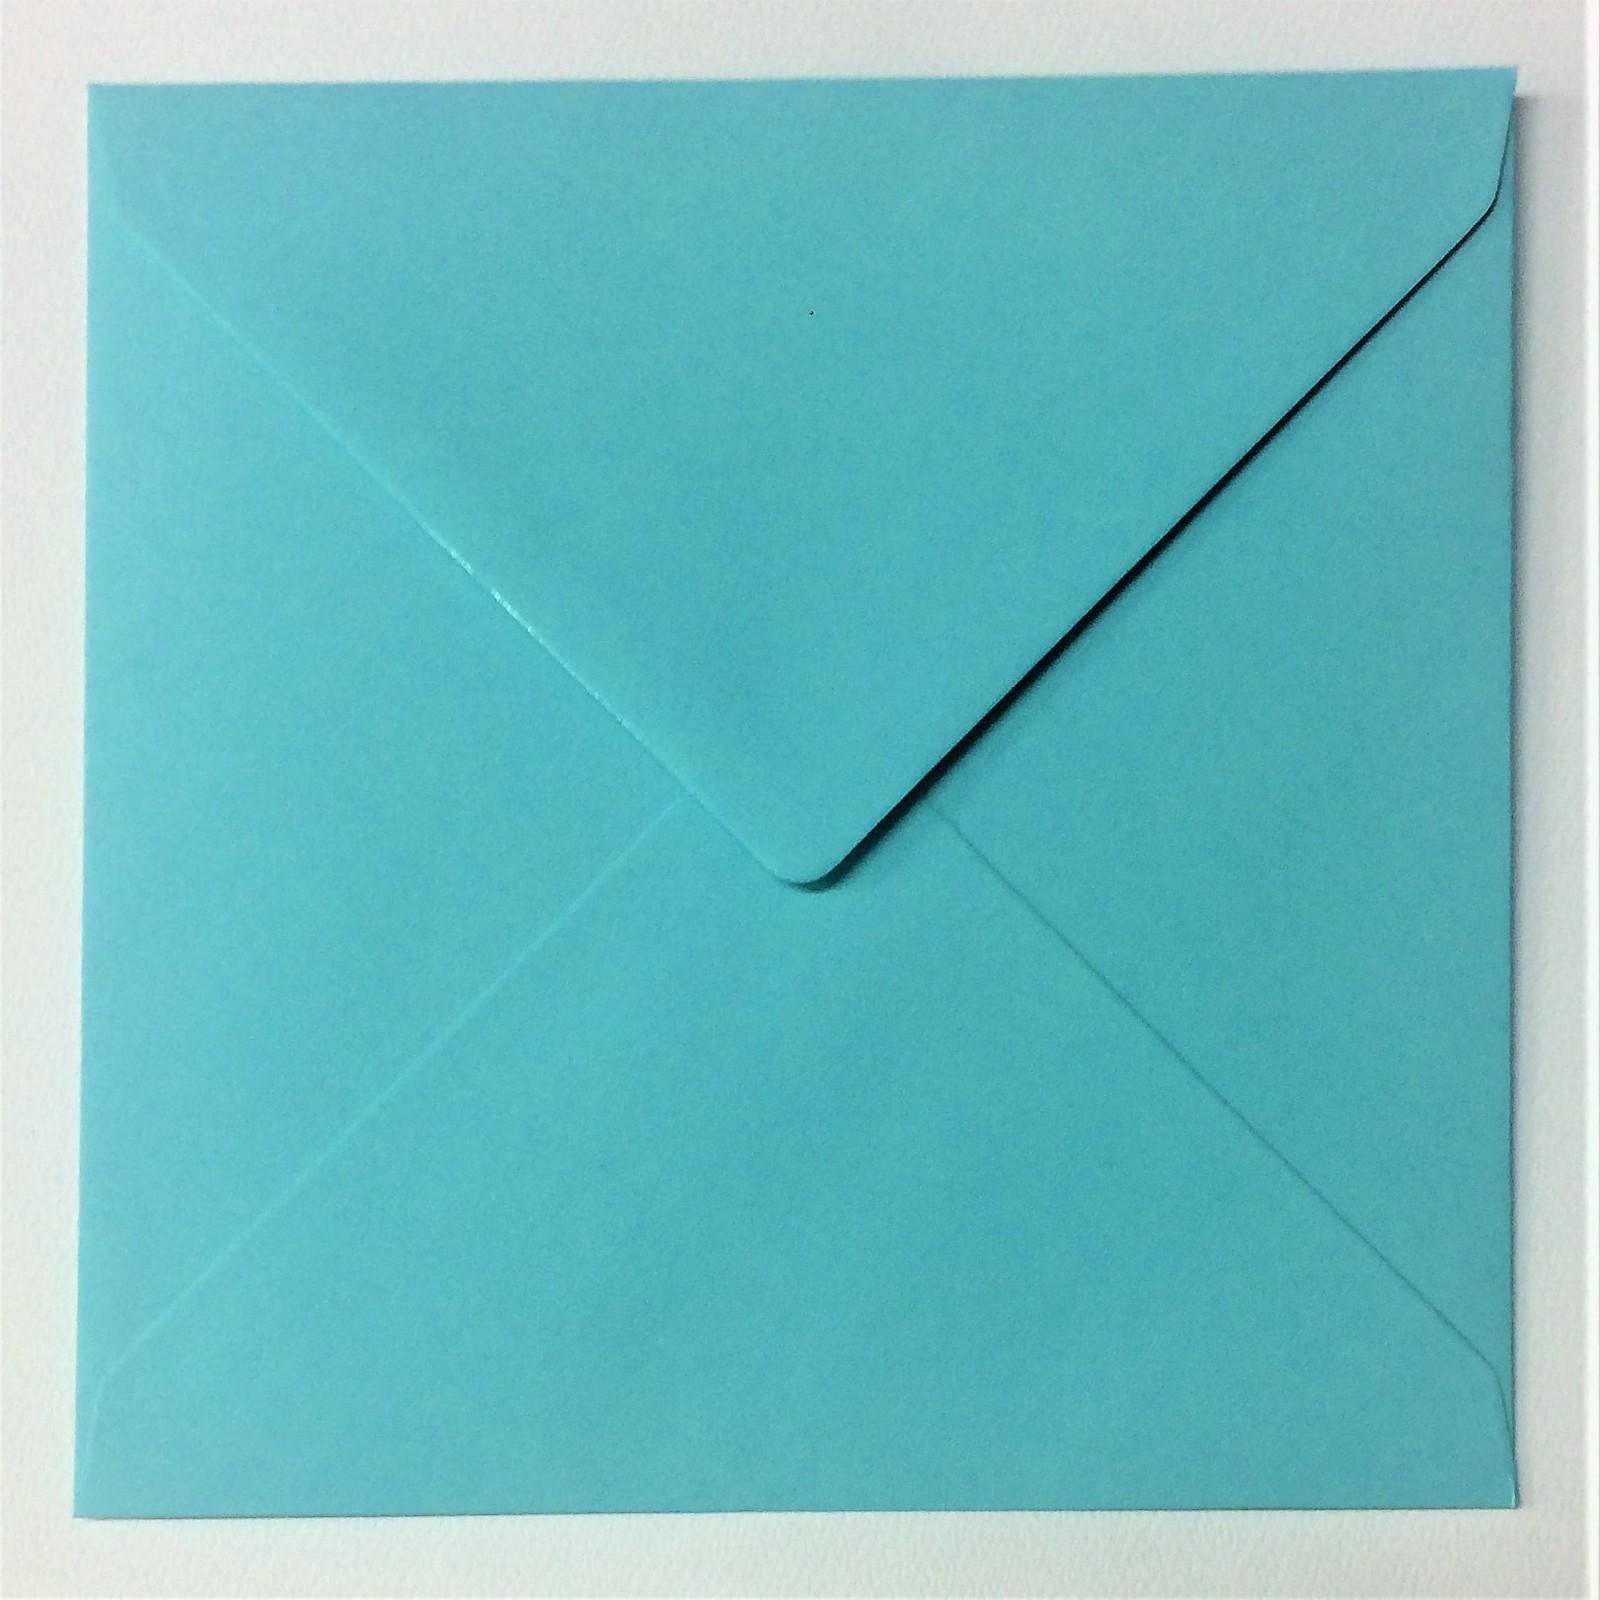 напечатать фото на квадратном конверте простым языком